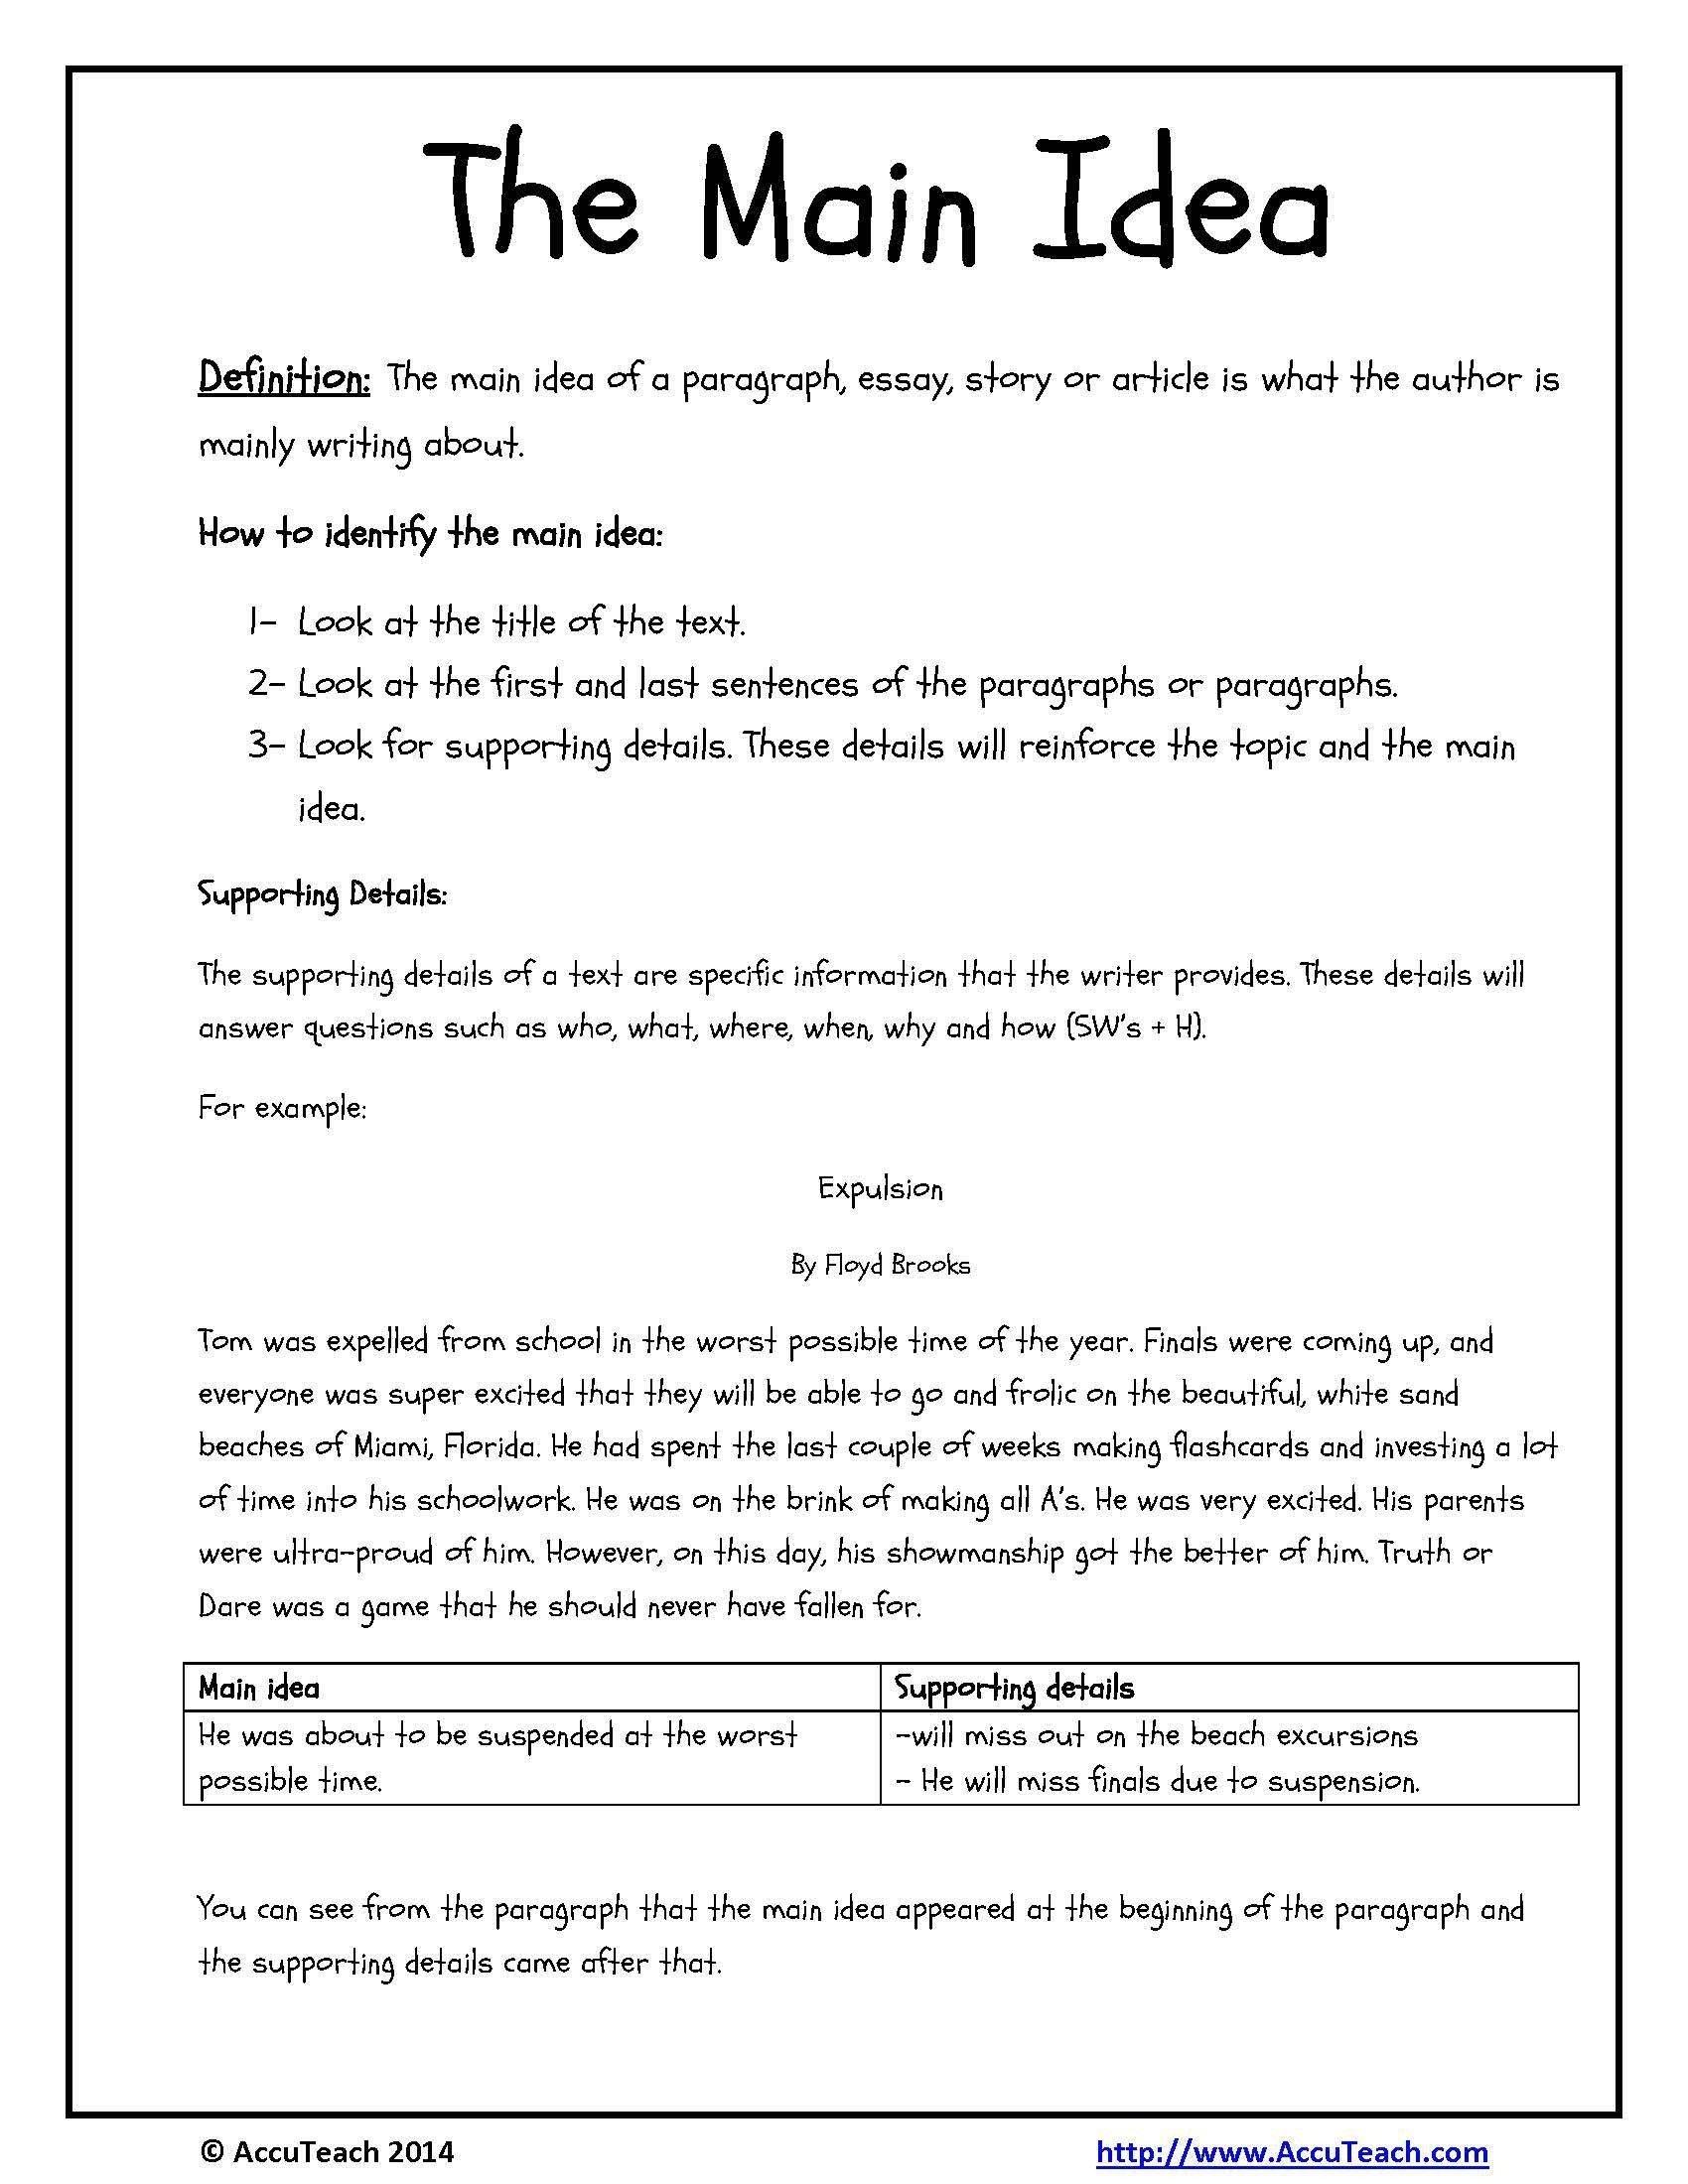 10 Unique Main Idea Worksheets 1St Grade main idea worksheets for 1st grade free worksheets library 2020